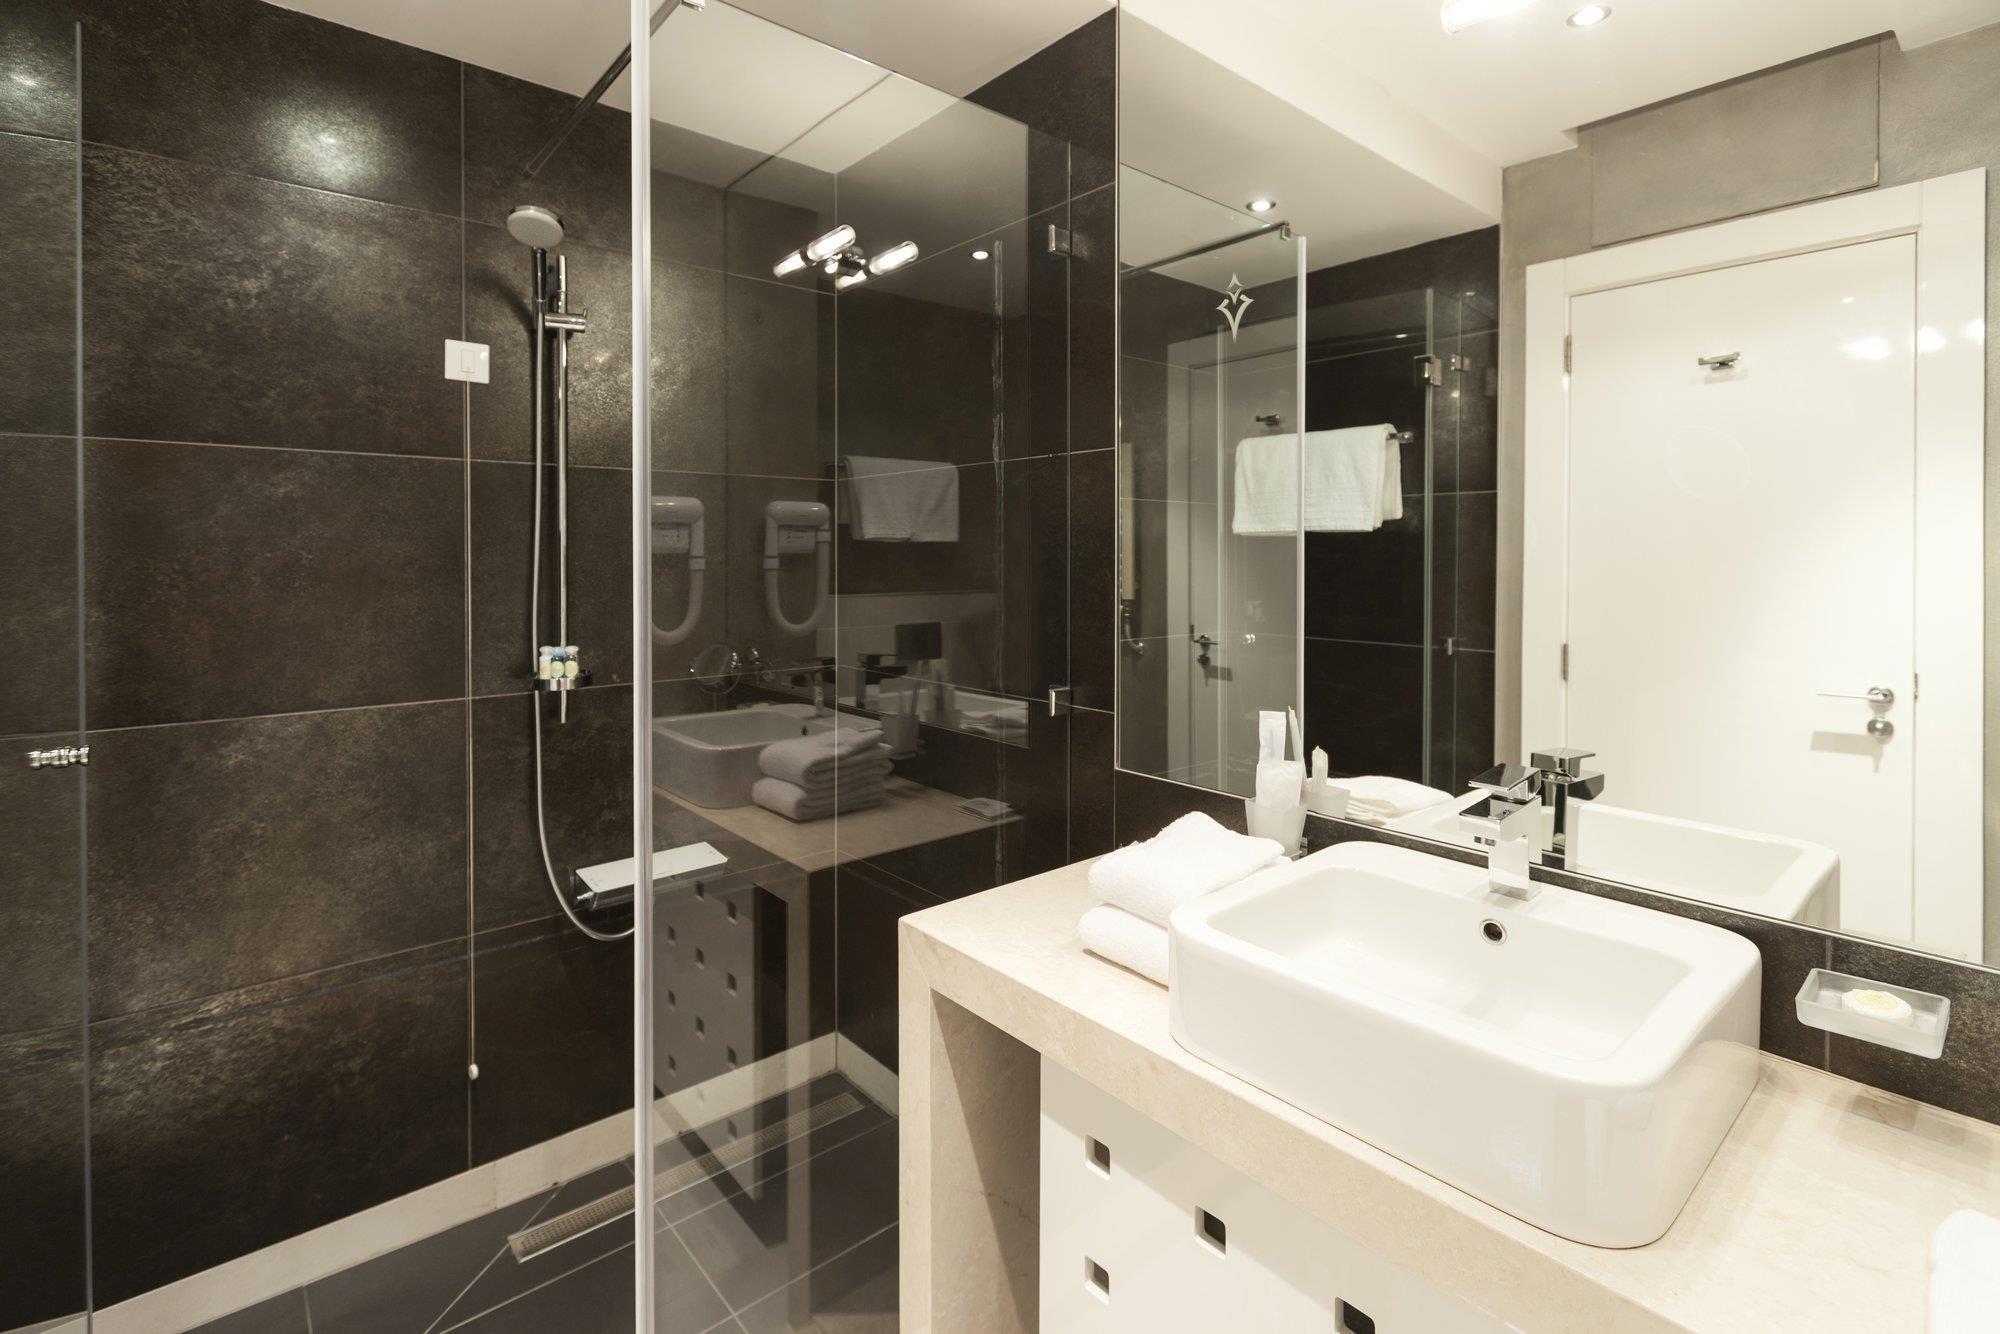 Comment poser une colonne de douche hydromassante?